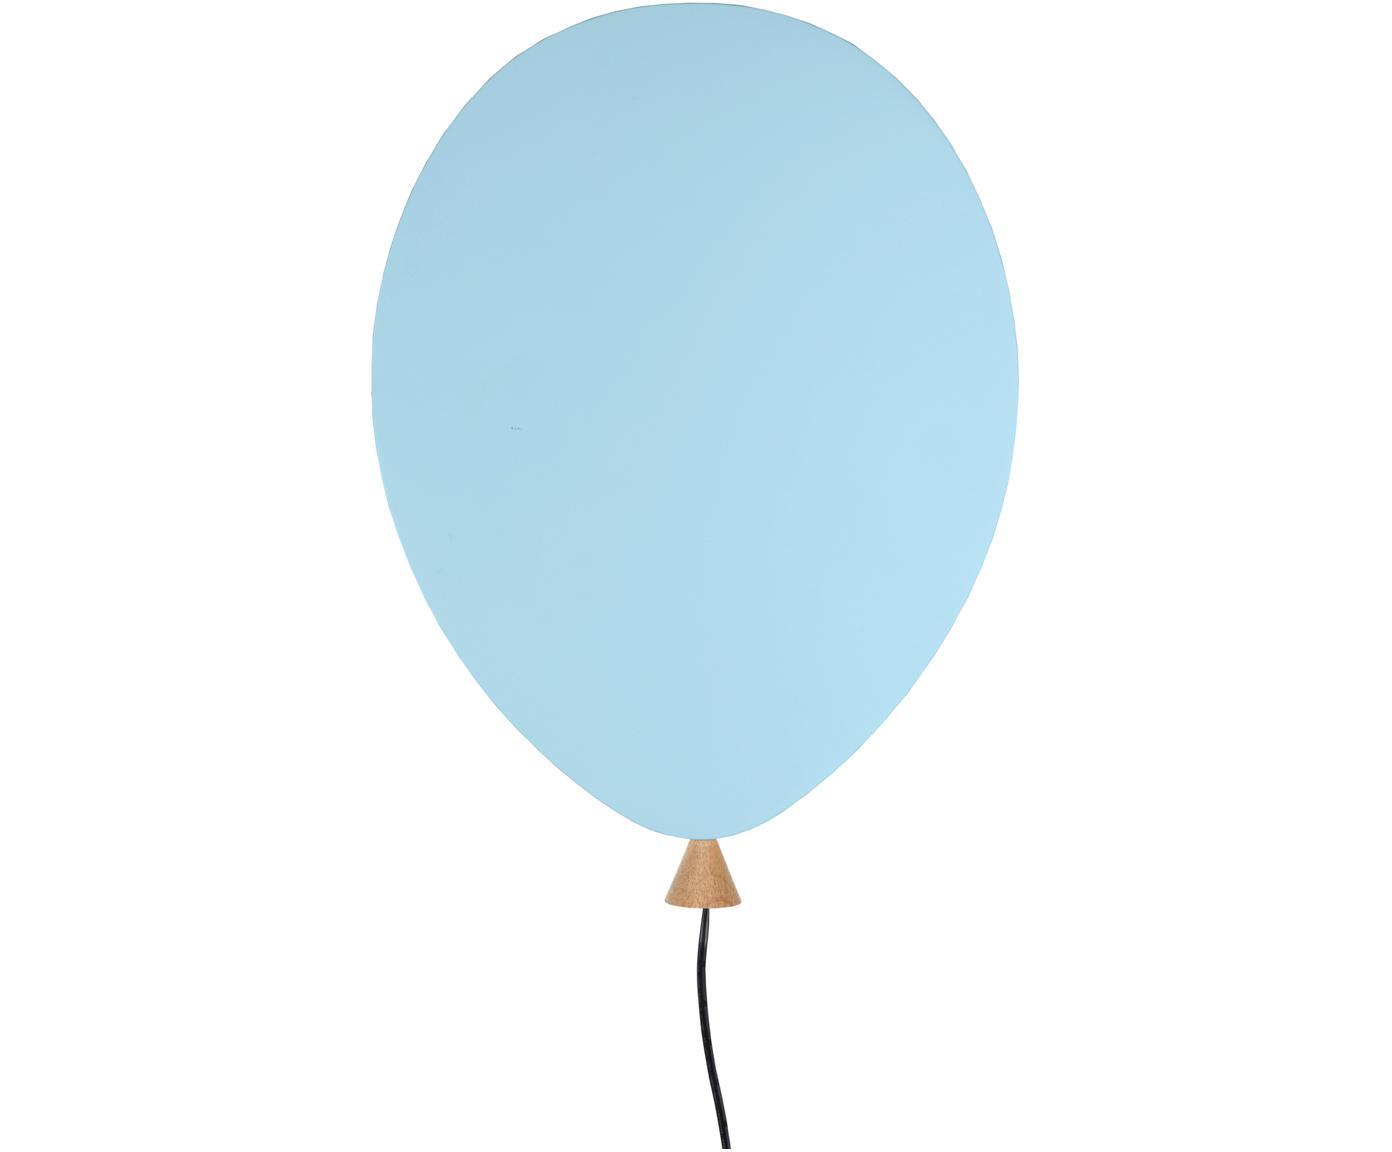 Applique in legno con spina Balloon, Paralume: legno, rivestito, Blu, Larg. 25 x Alt. 35 cm